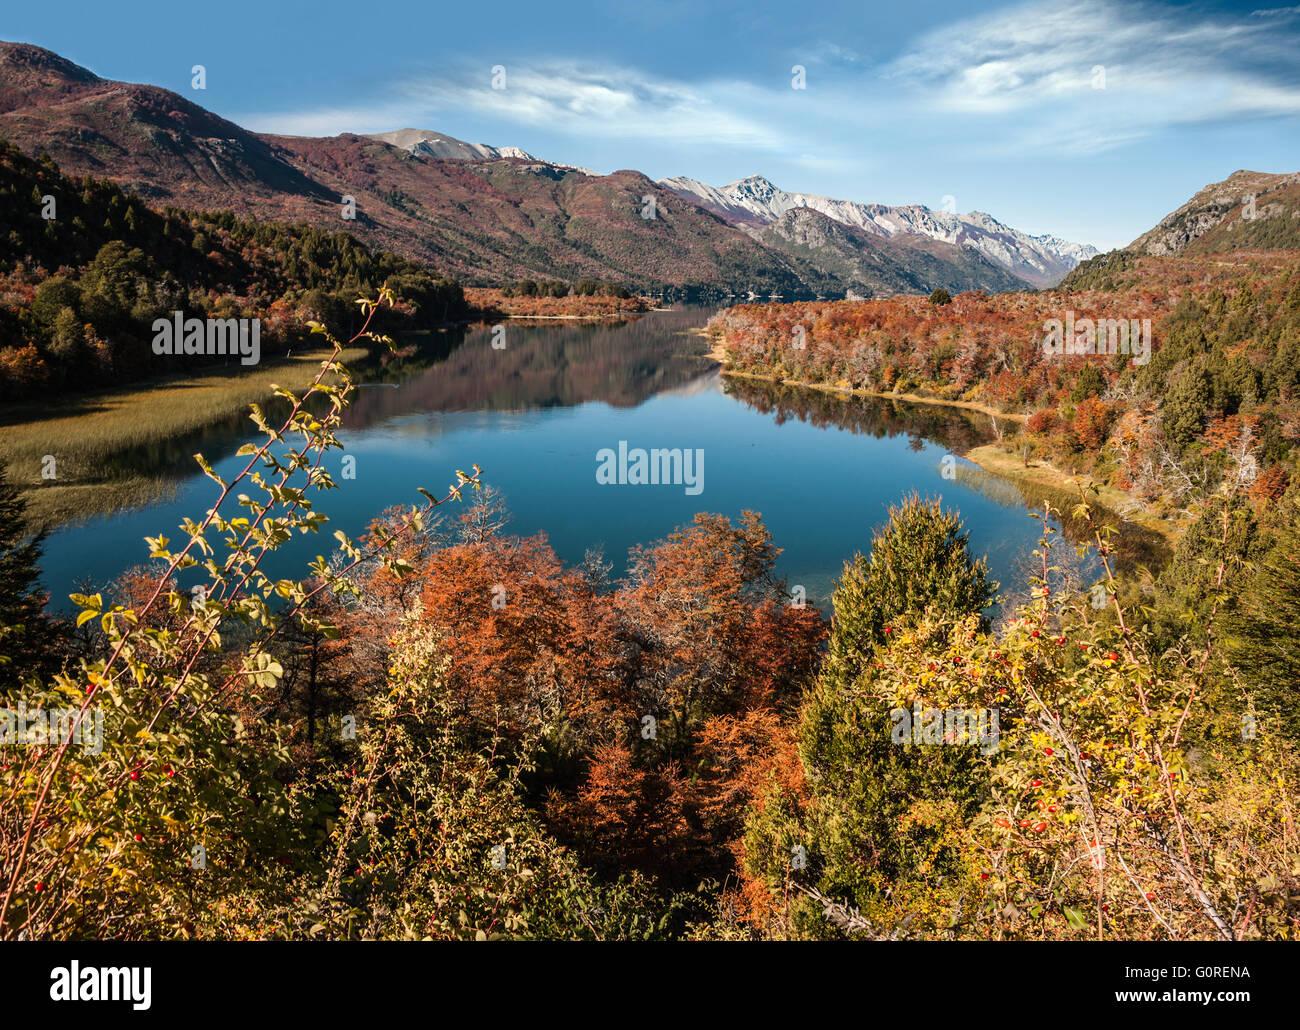 Colores de otoño en el lago Gutiérrez, cerca de Bariloche, Patagonia, Argentina Imagen De Stock